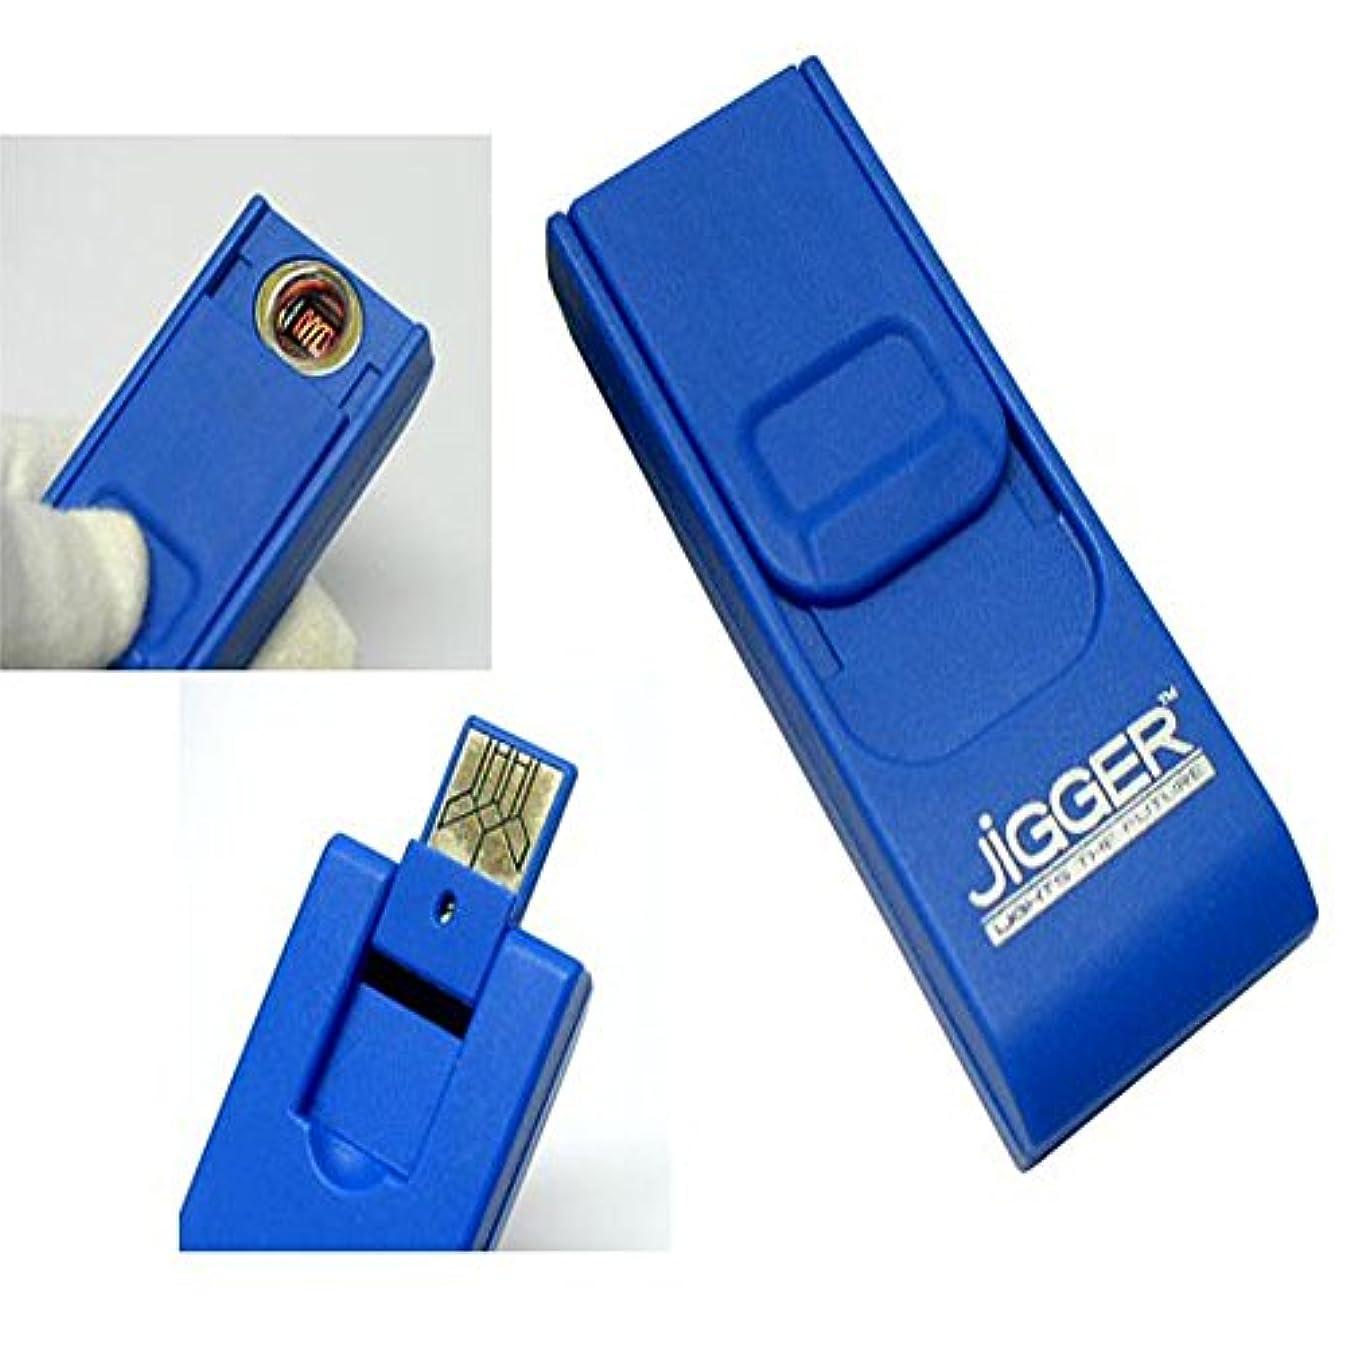 [坪田パール]JiGGER(ジガー) USBライター 5色(ブラック,レッド,ブルー,イエロー,ホワイト)